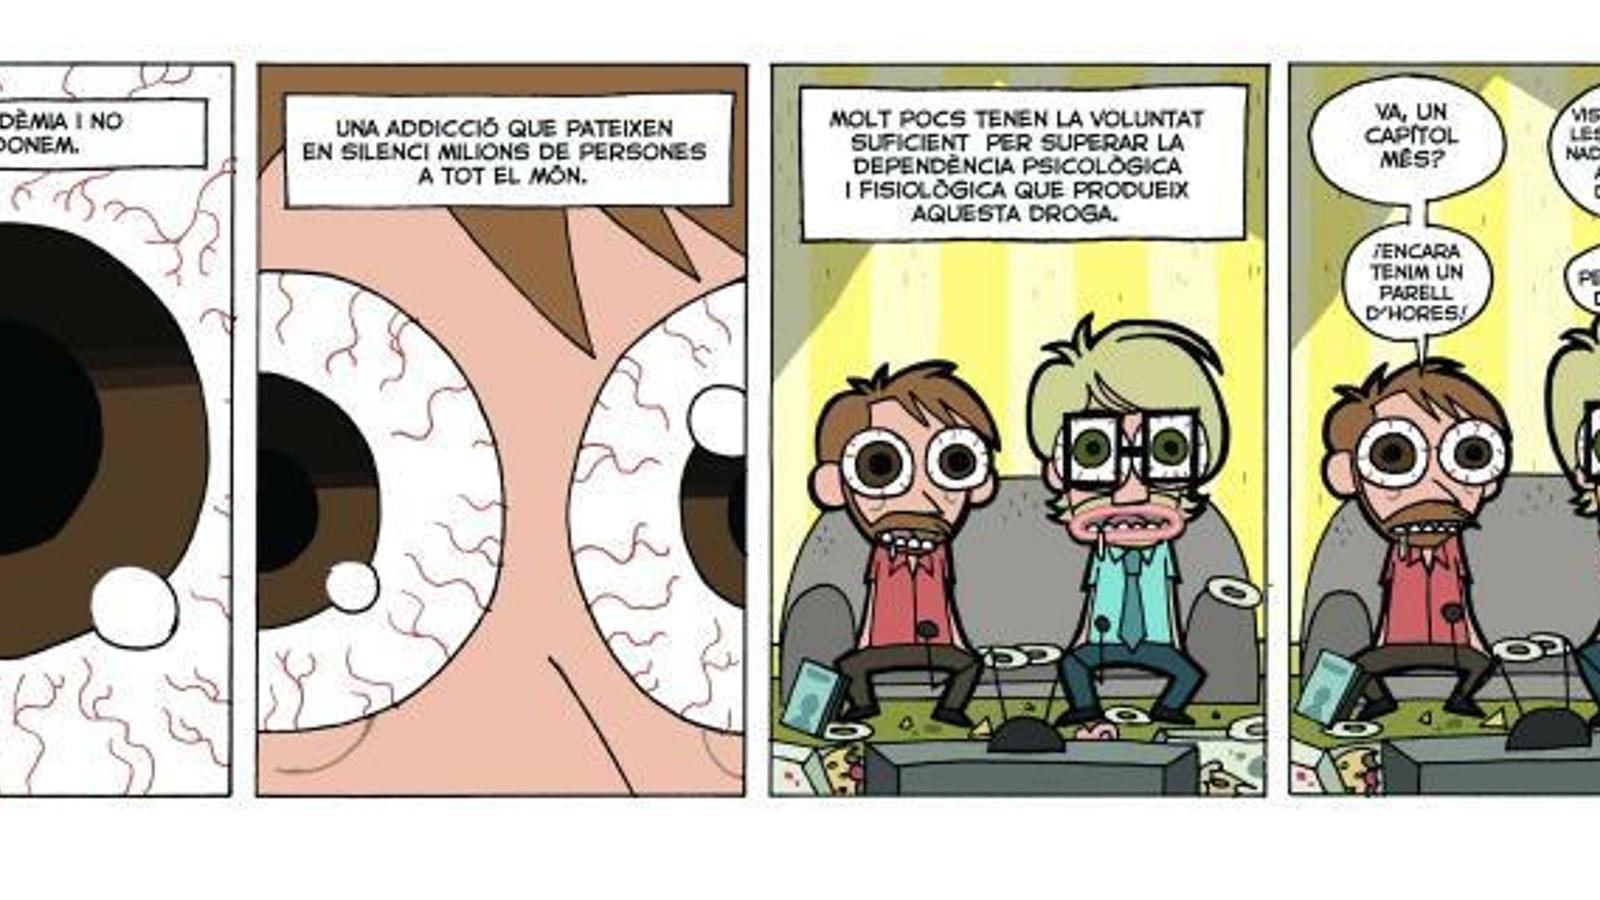 Els Òscars i Guillem Dols 11/09/2011